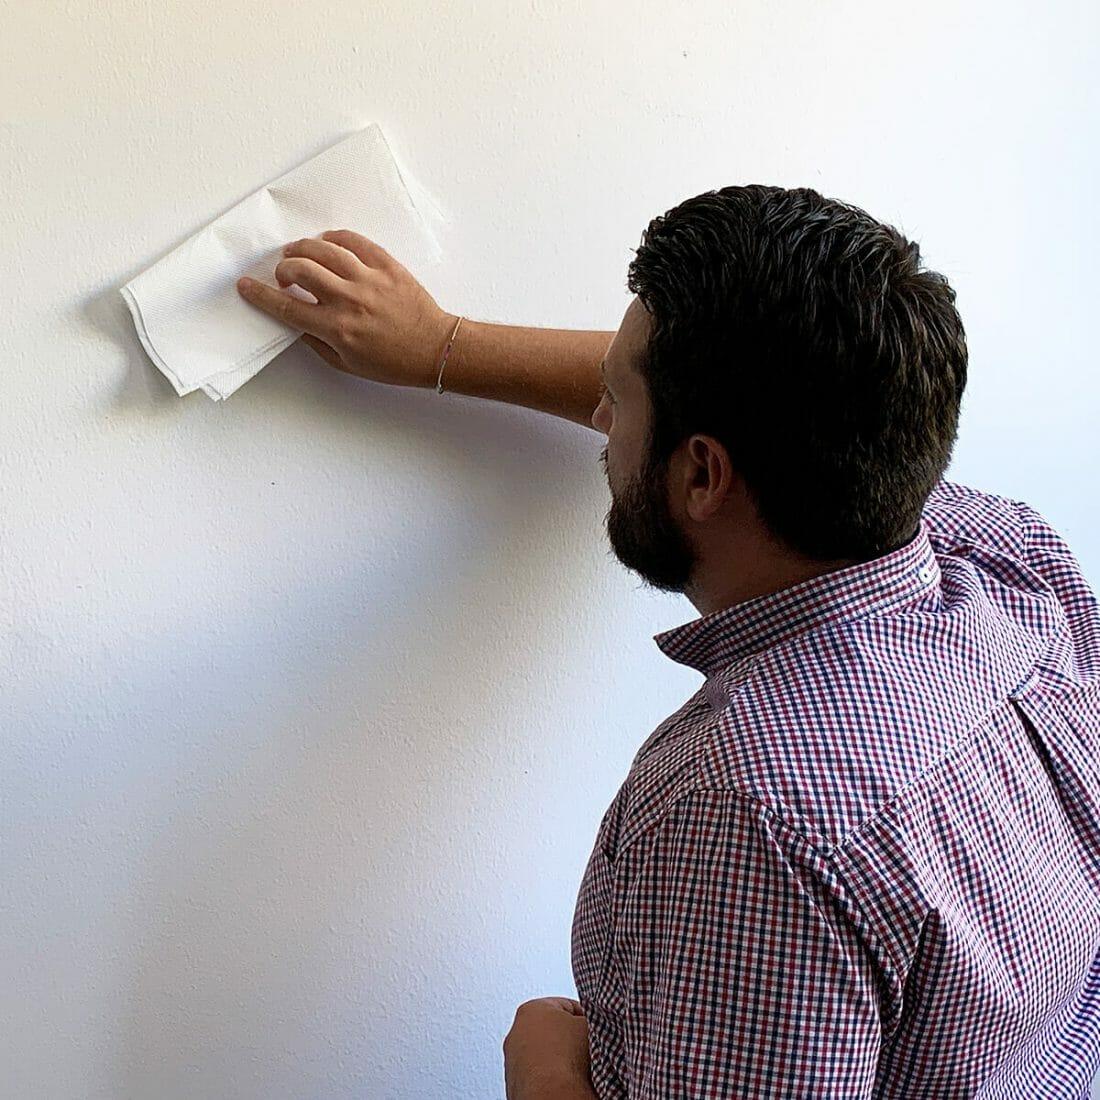 Come applicare un adesivo prespaziato evitando bolle o pieghe?